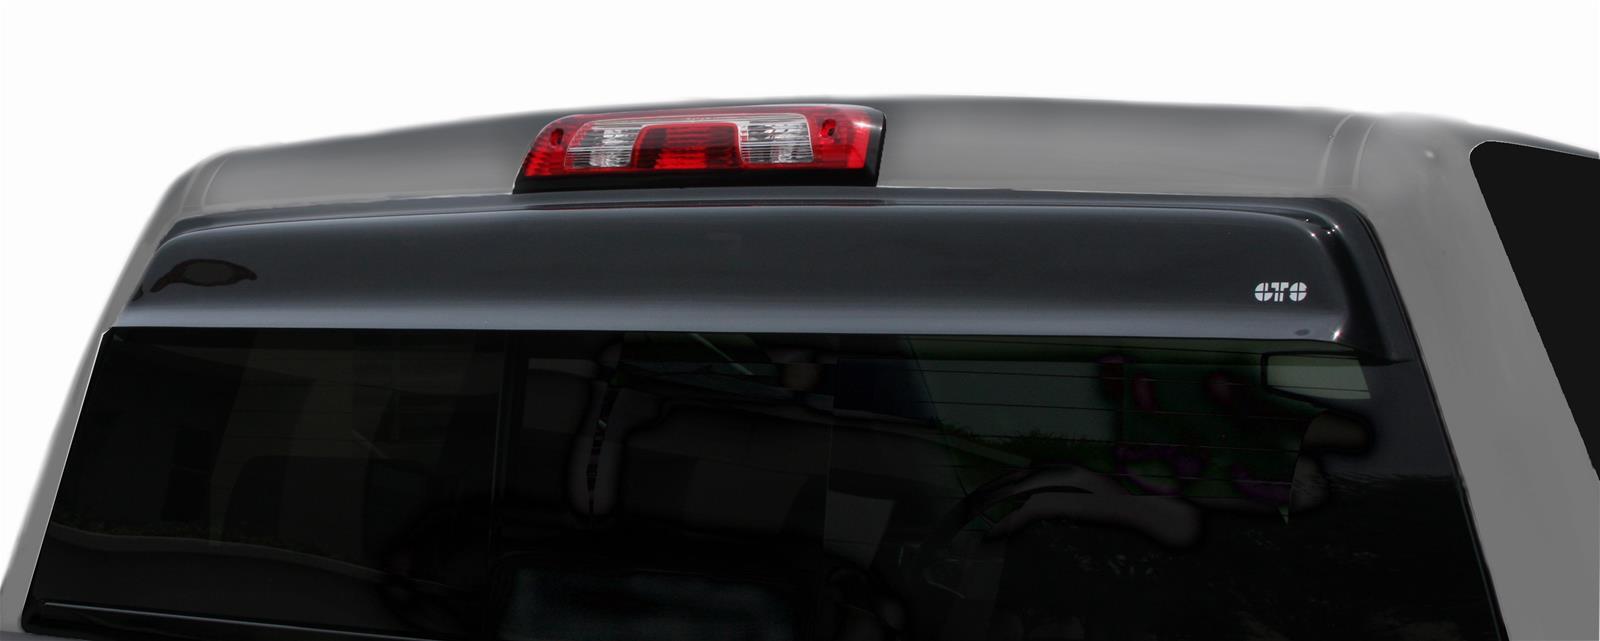 Wade 72-38106 Smoke Tint Rear Window Cab Guard